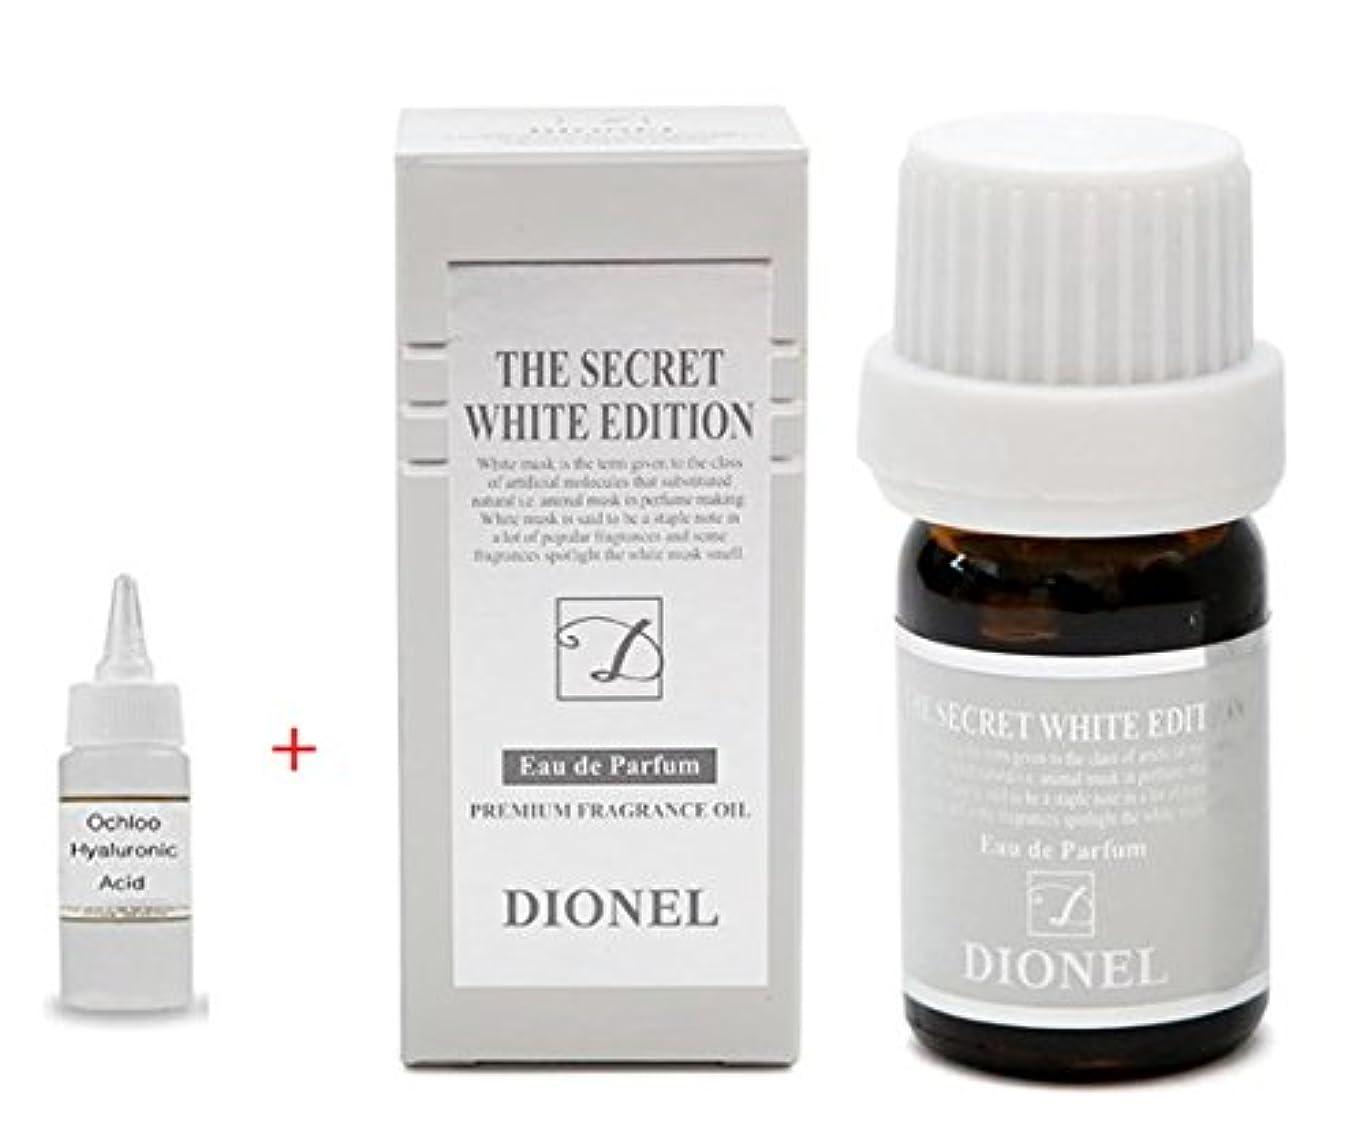 濃度販売員フォーク[Dionel] 香水のような女性清潔剤、プレミアムアロマエッセンス Love Secret White Edition Dionel 5ml. ラブブラックエディション、一滴の奇跡. Made in Korea + +...